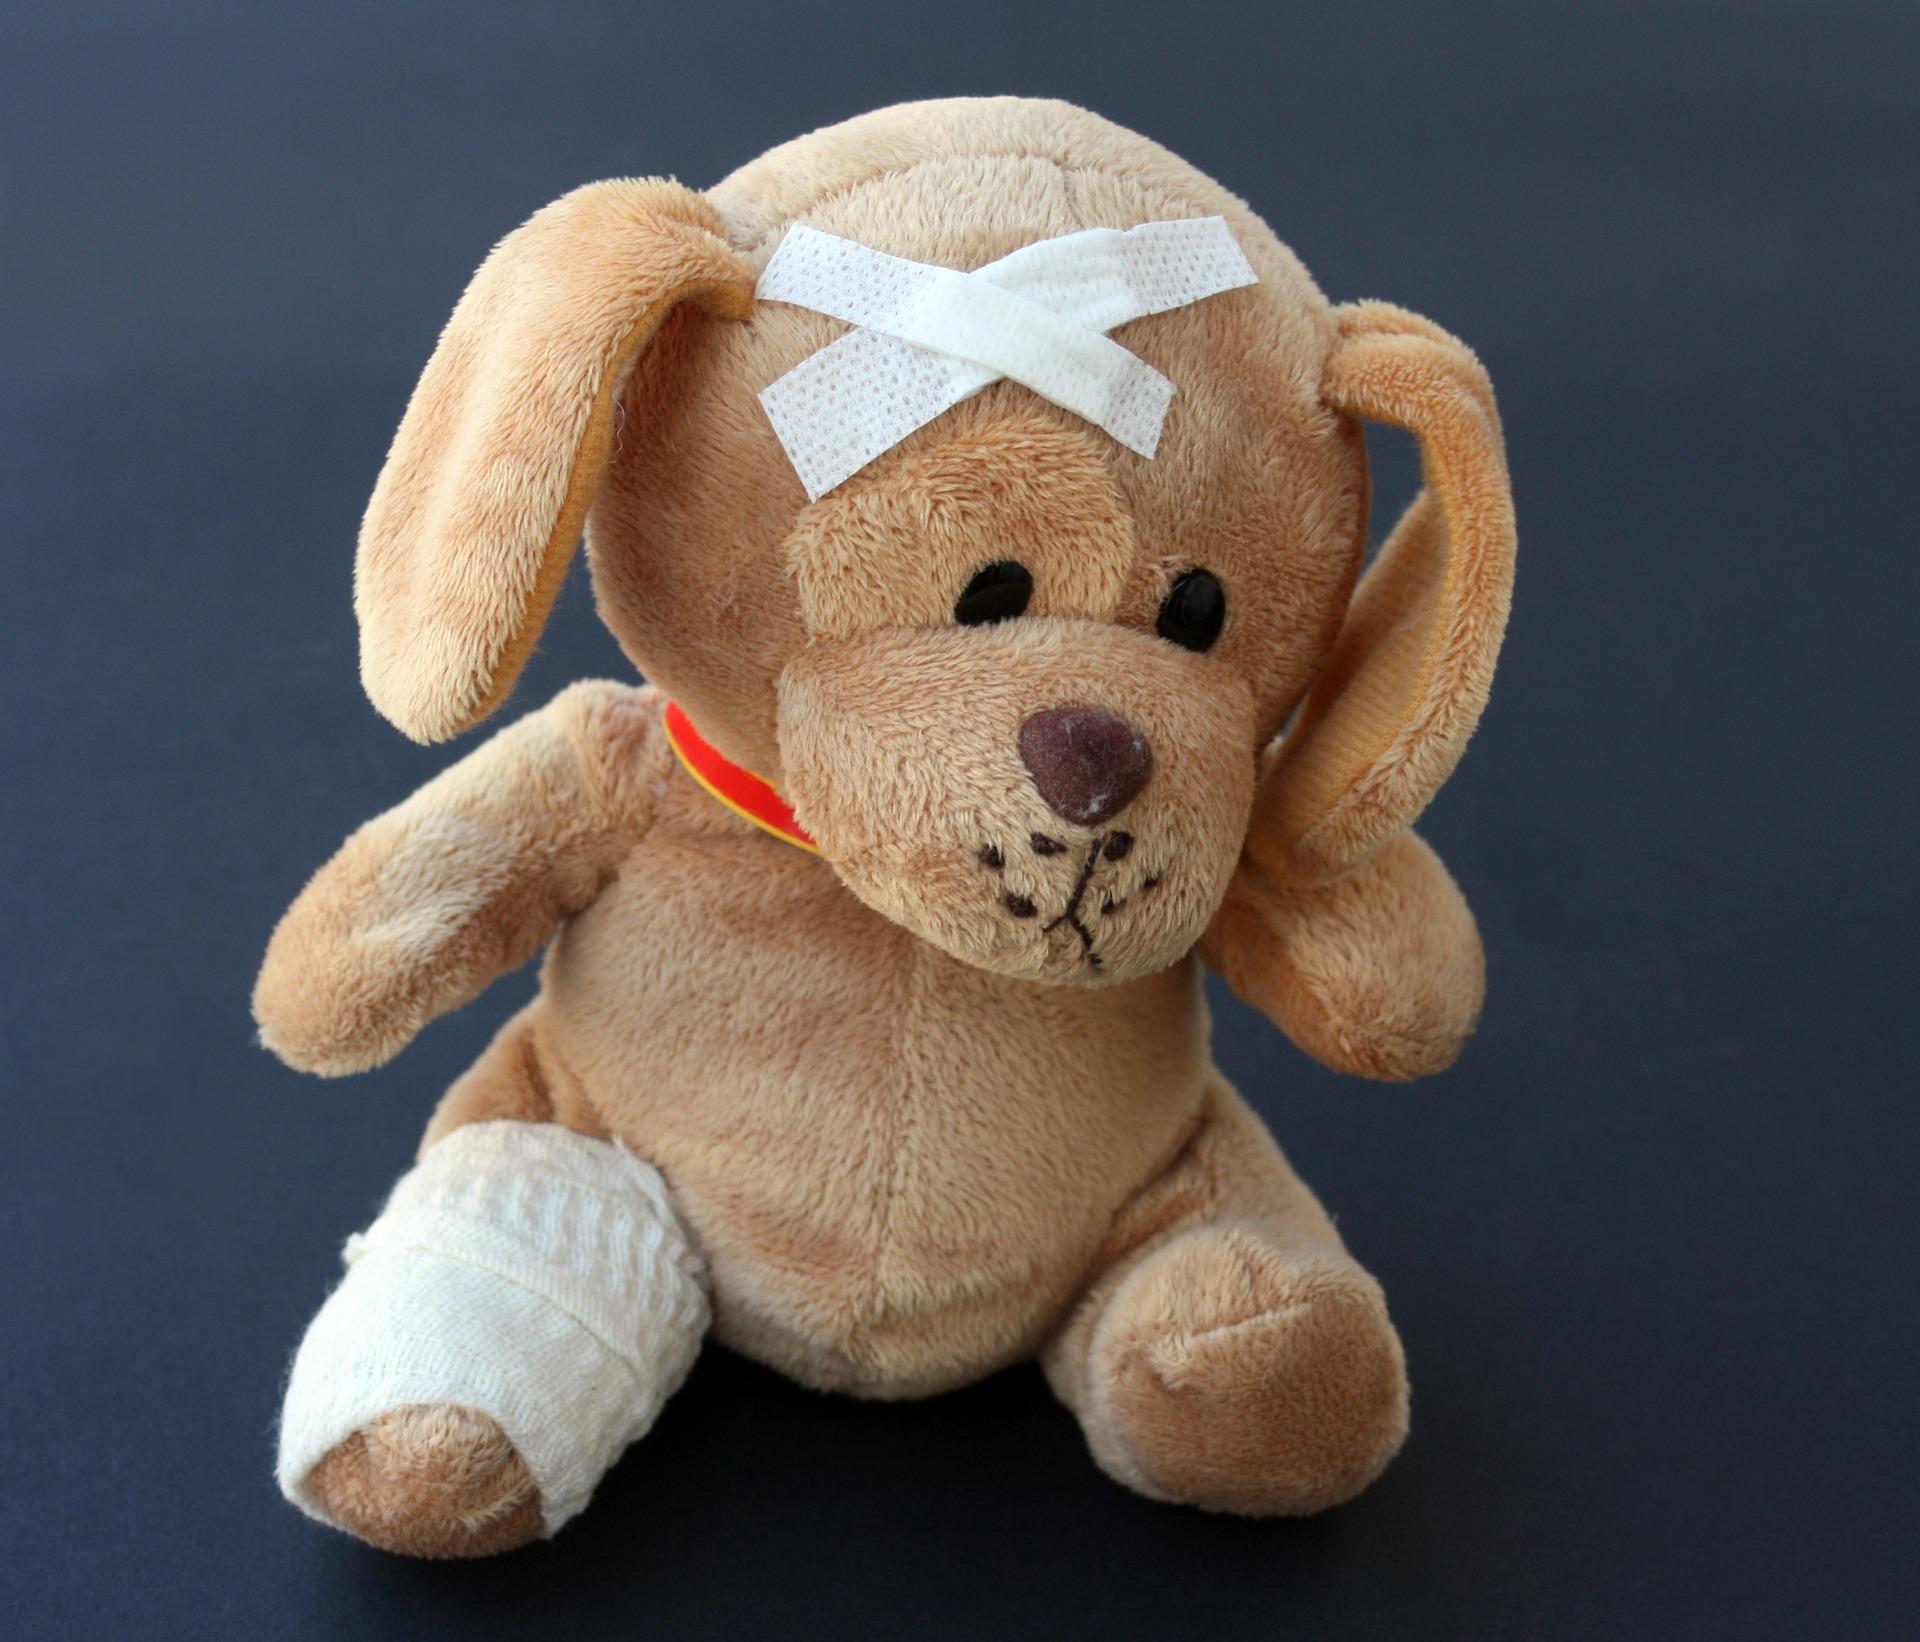 teddy-242851_1920.jpg